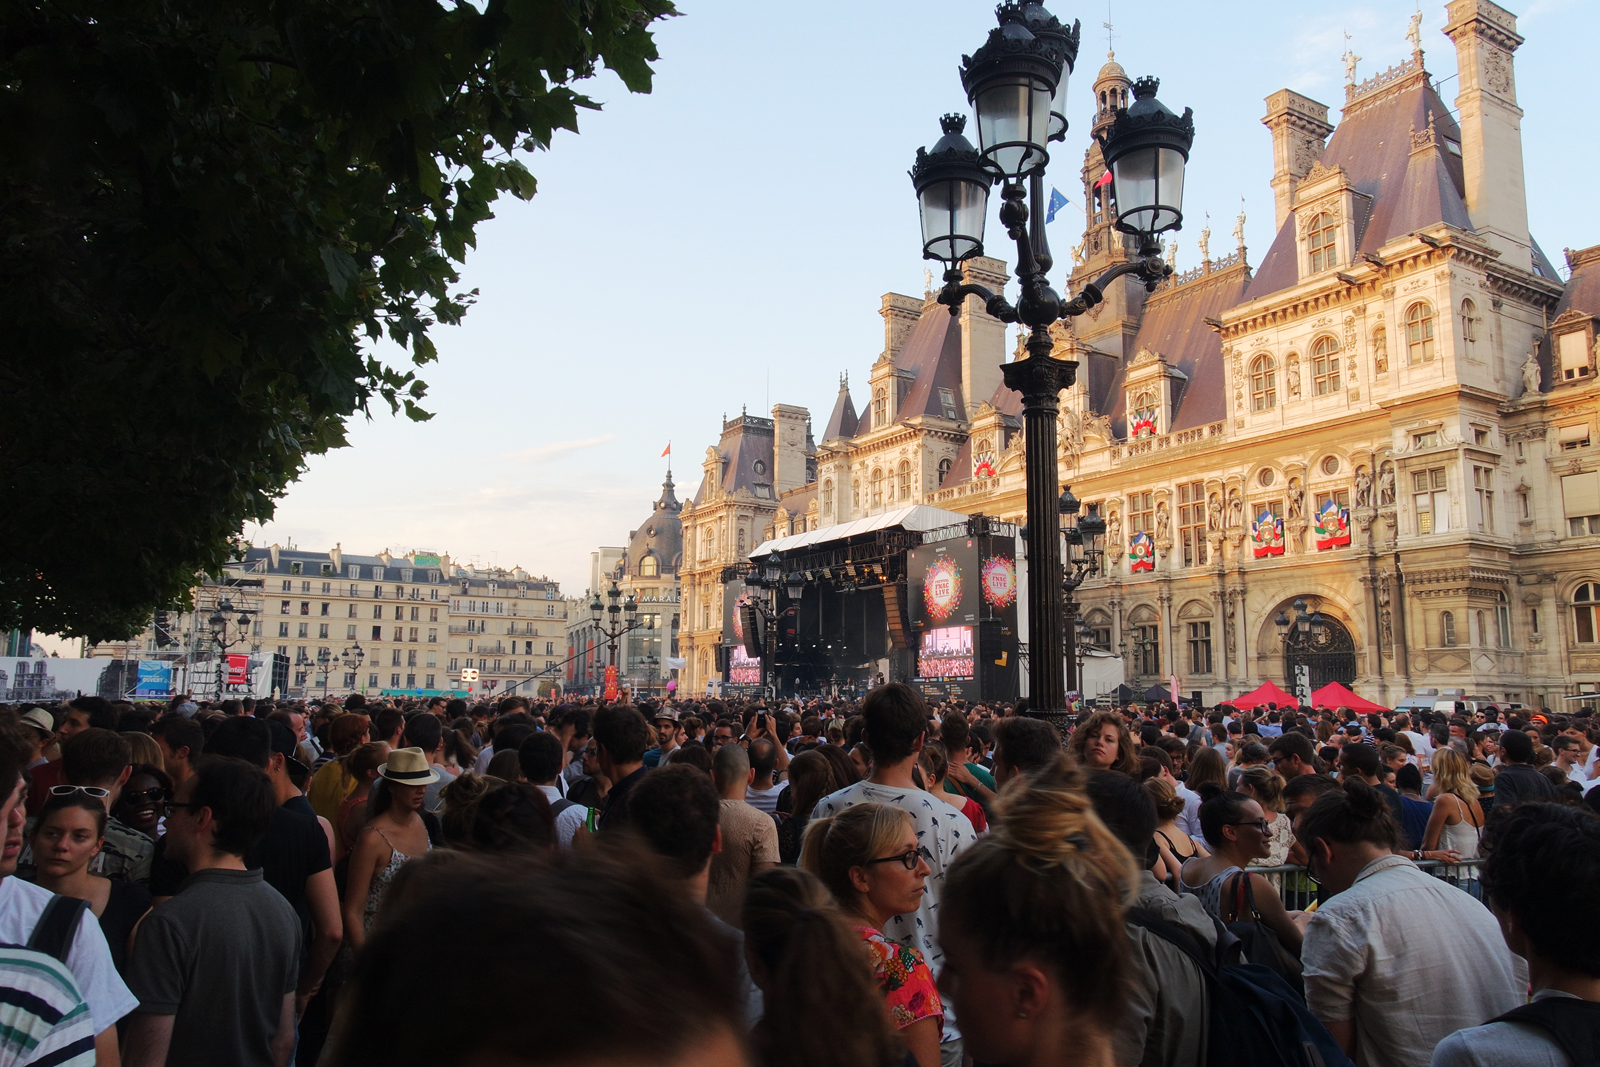 Fnaclive-festival-2015-vue-grande-scène-Parvis-de-l-hotel-de-ville-paris-public-festivaliers-foule-photo-by-united-states-of-paris